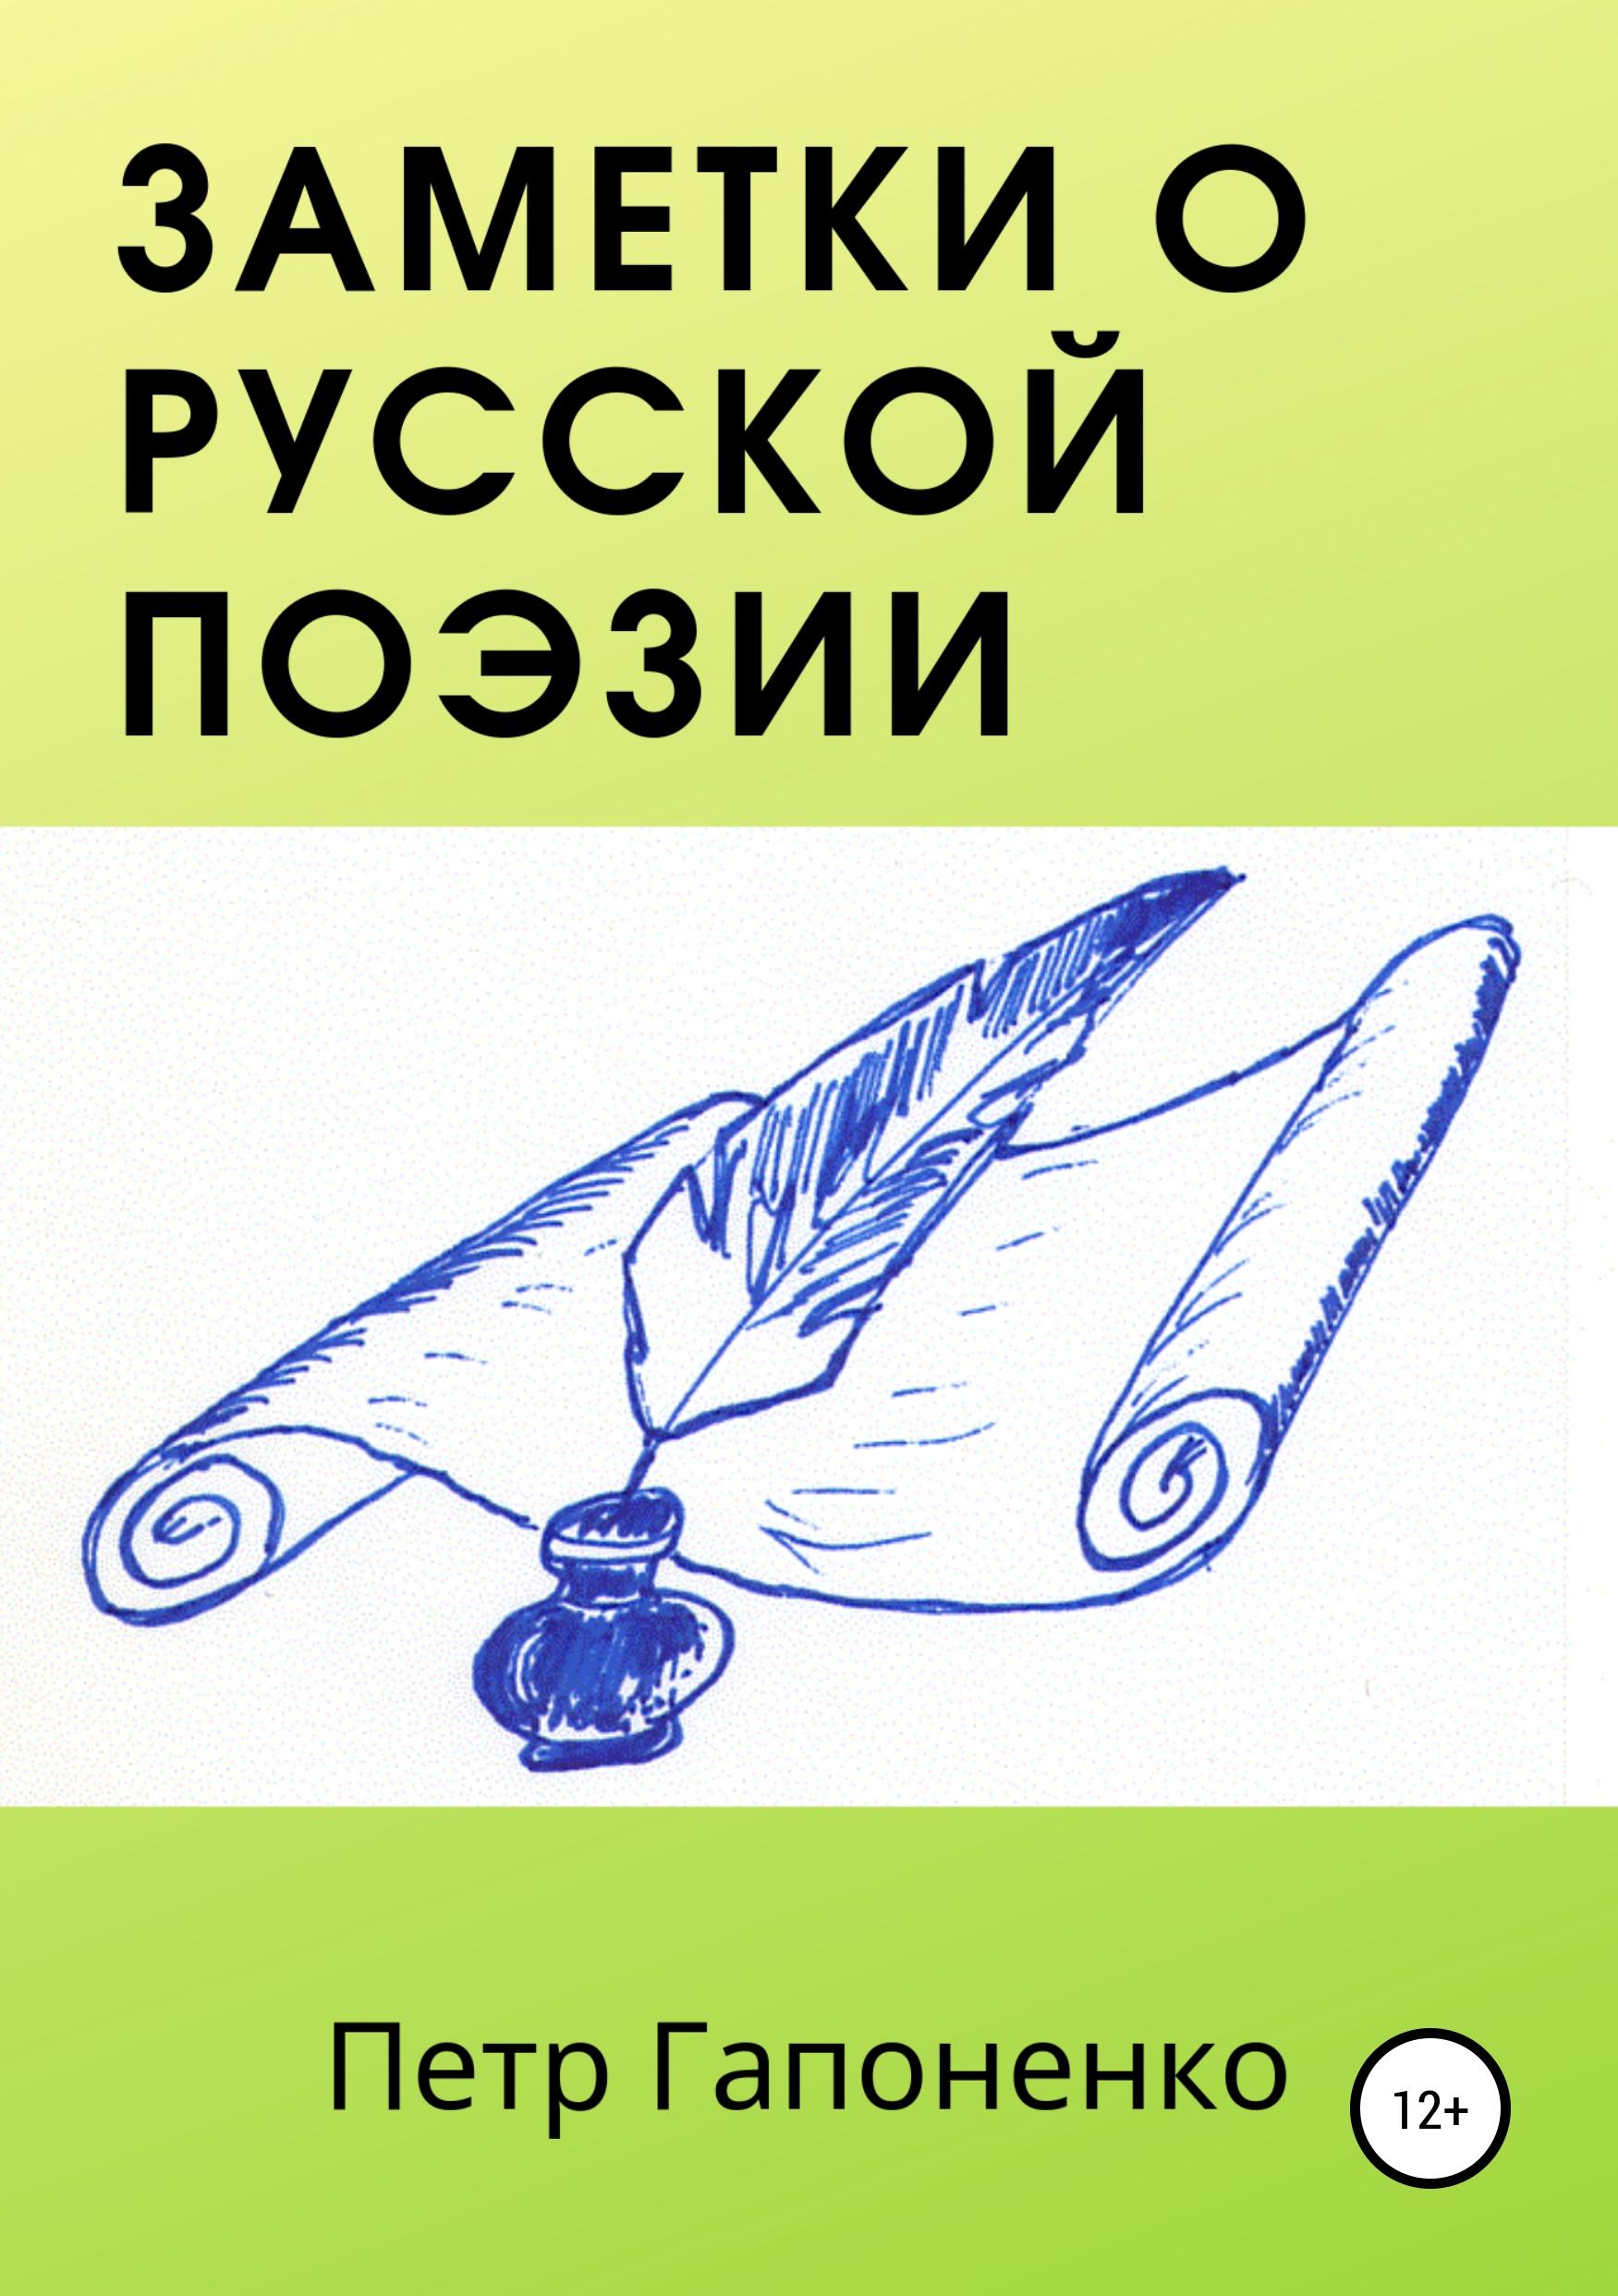 Петр Адамович Гапоненко Заметки о русской поэзии цена и фото